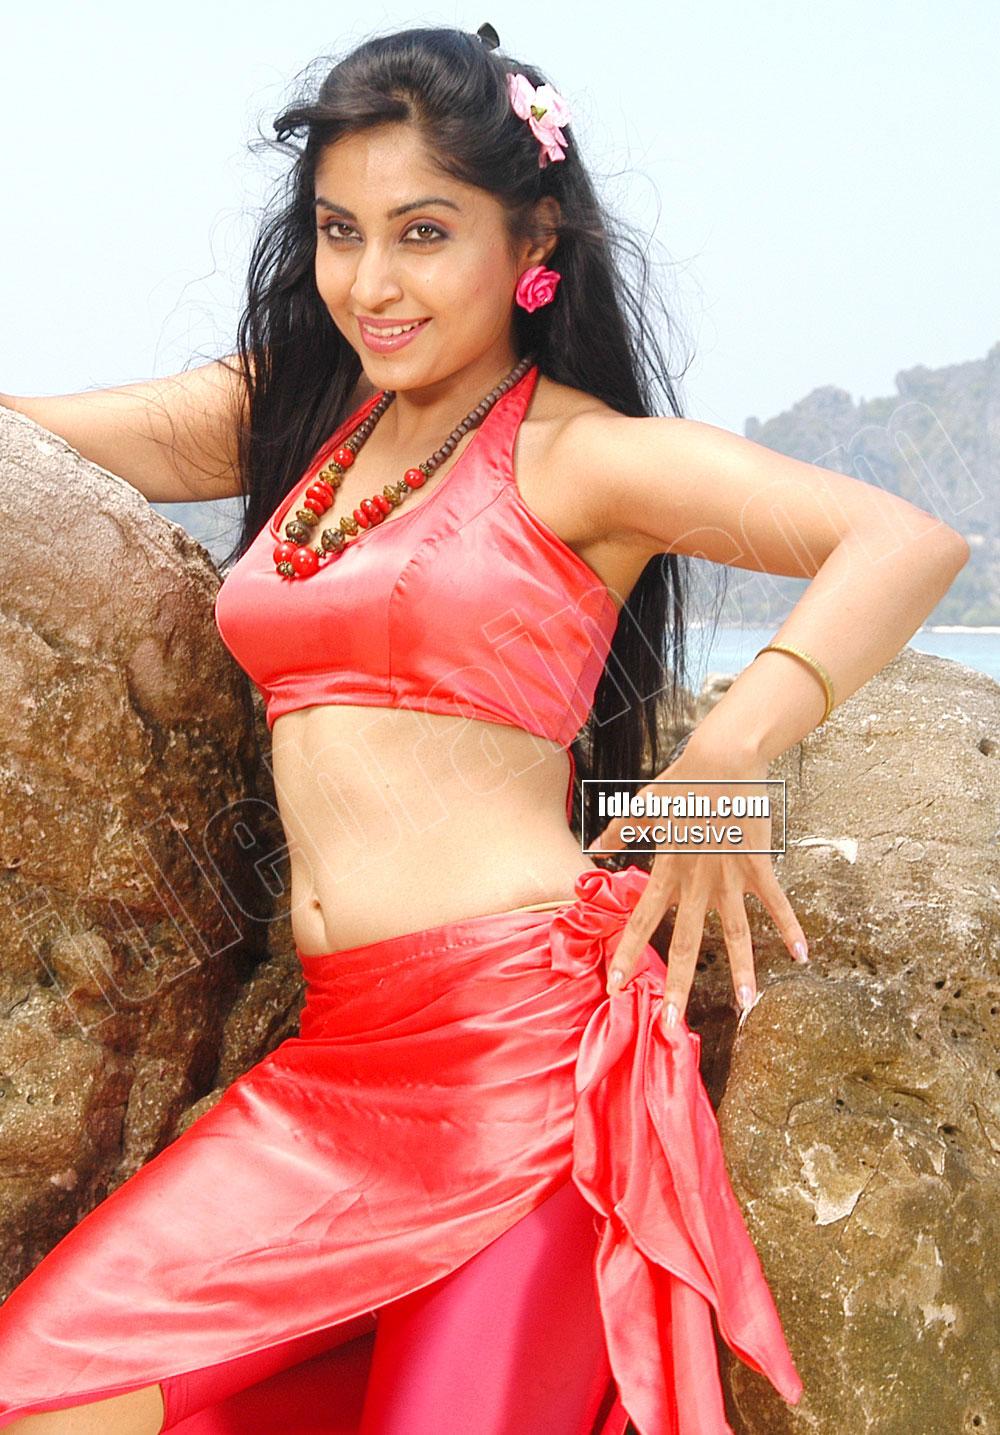 Indian Garam Masala Aishwarya Hot Song